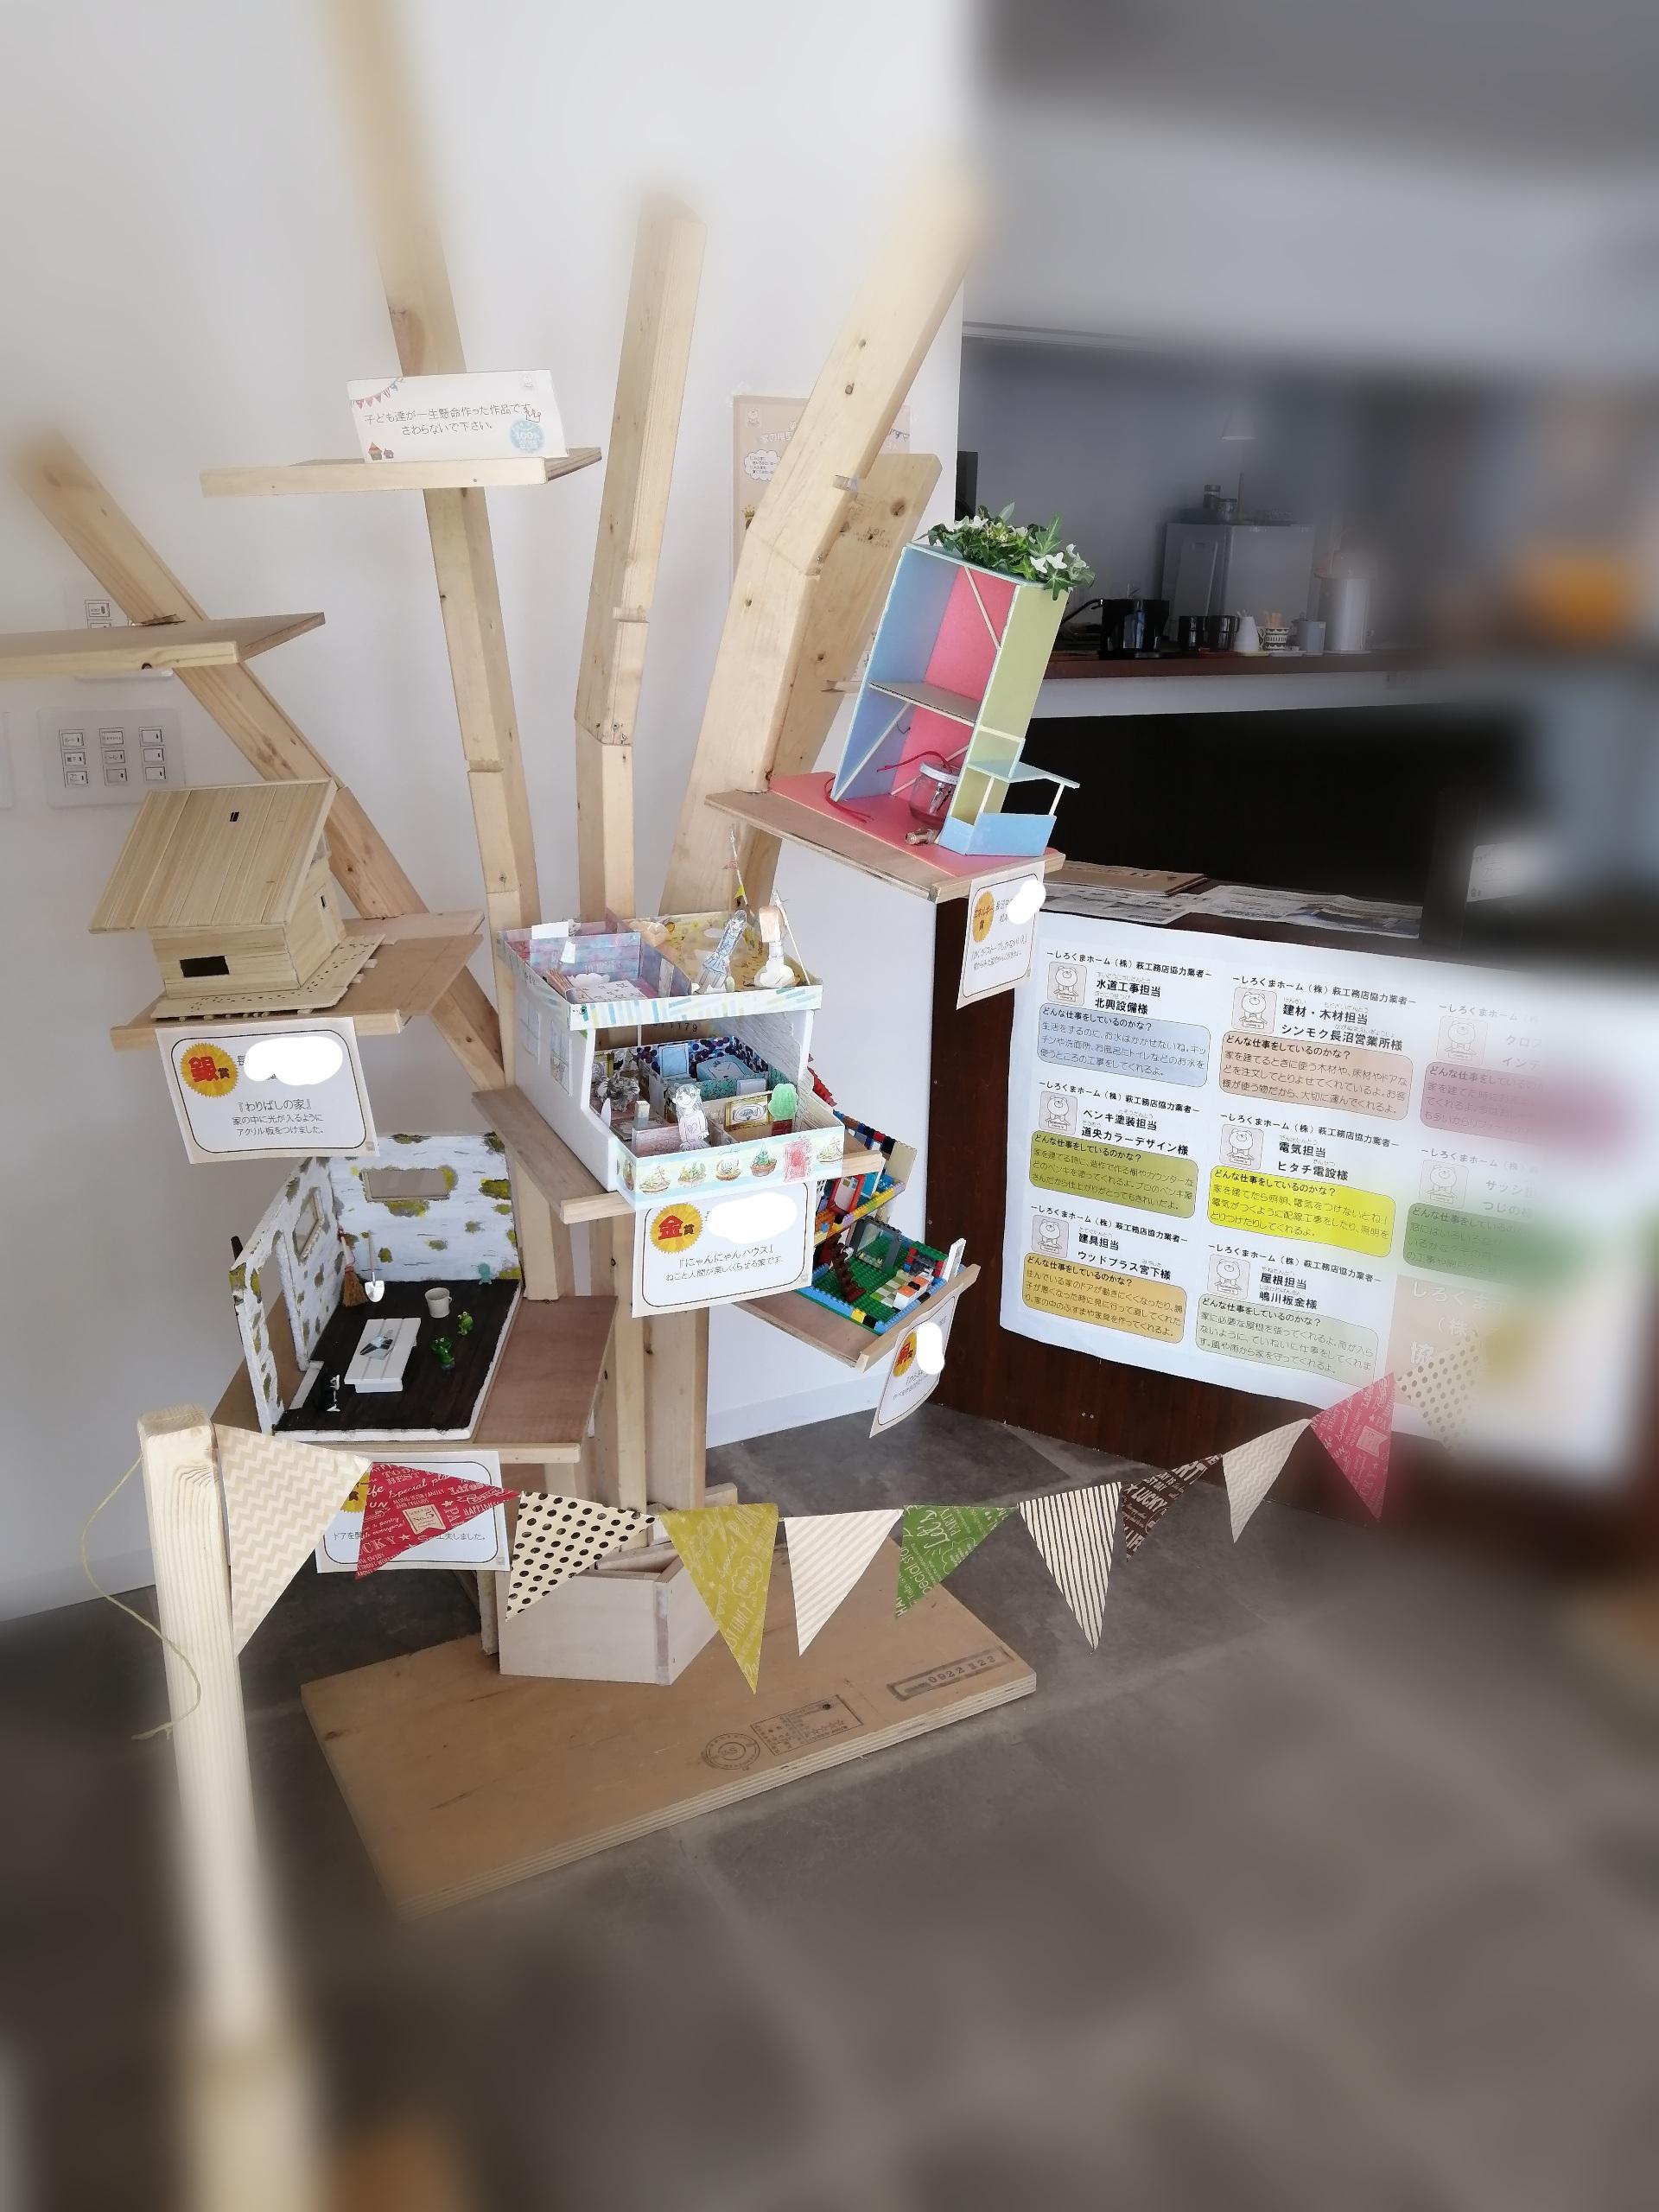 しろくまホーム『家の模型を作ってみよう!』コンテストの展示が始まりました